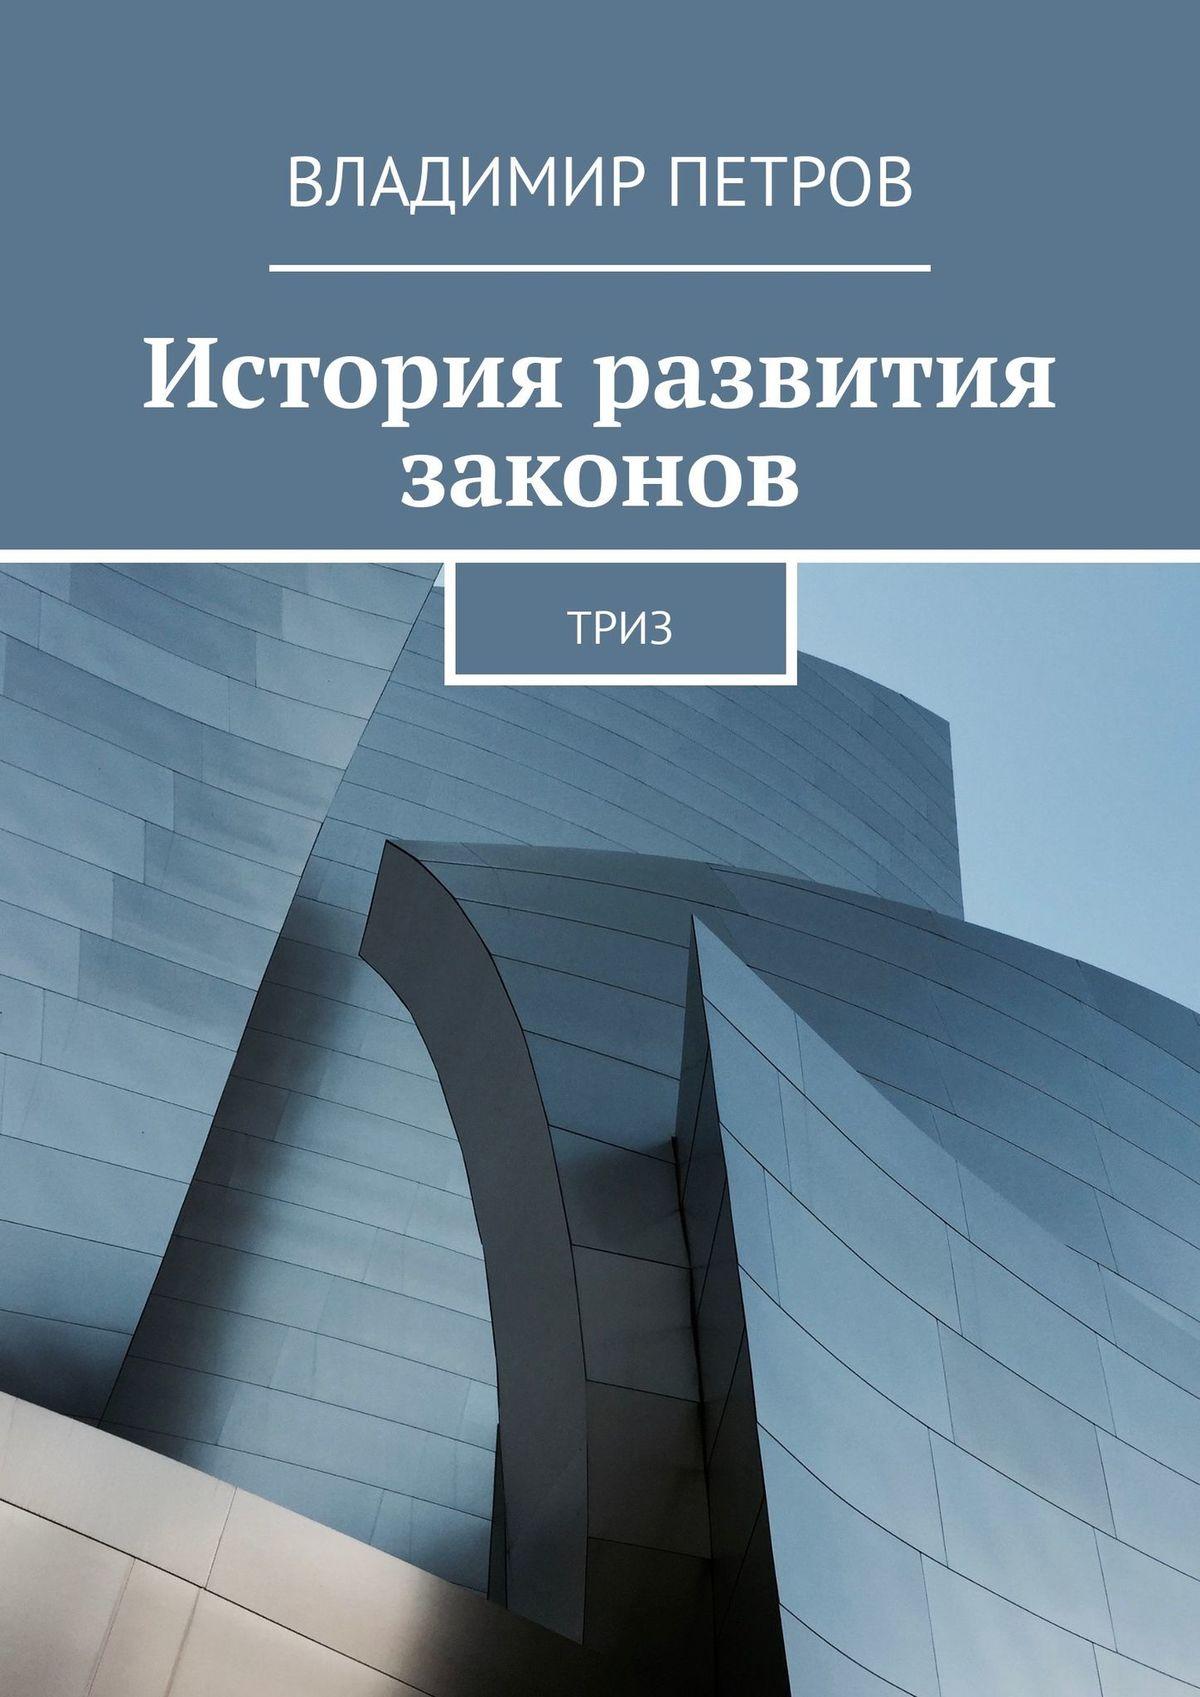 Владимир Петров История развития законов. ТРИЗ худи print bar сделана в 1984 чтобы быть прекрасной